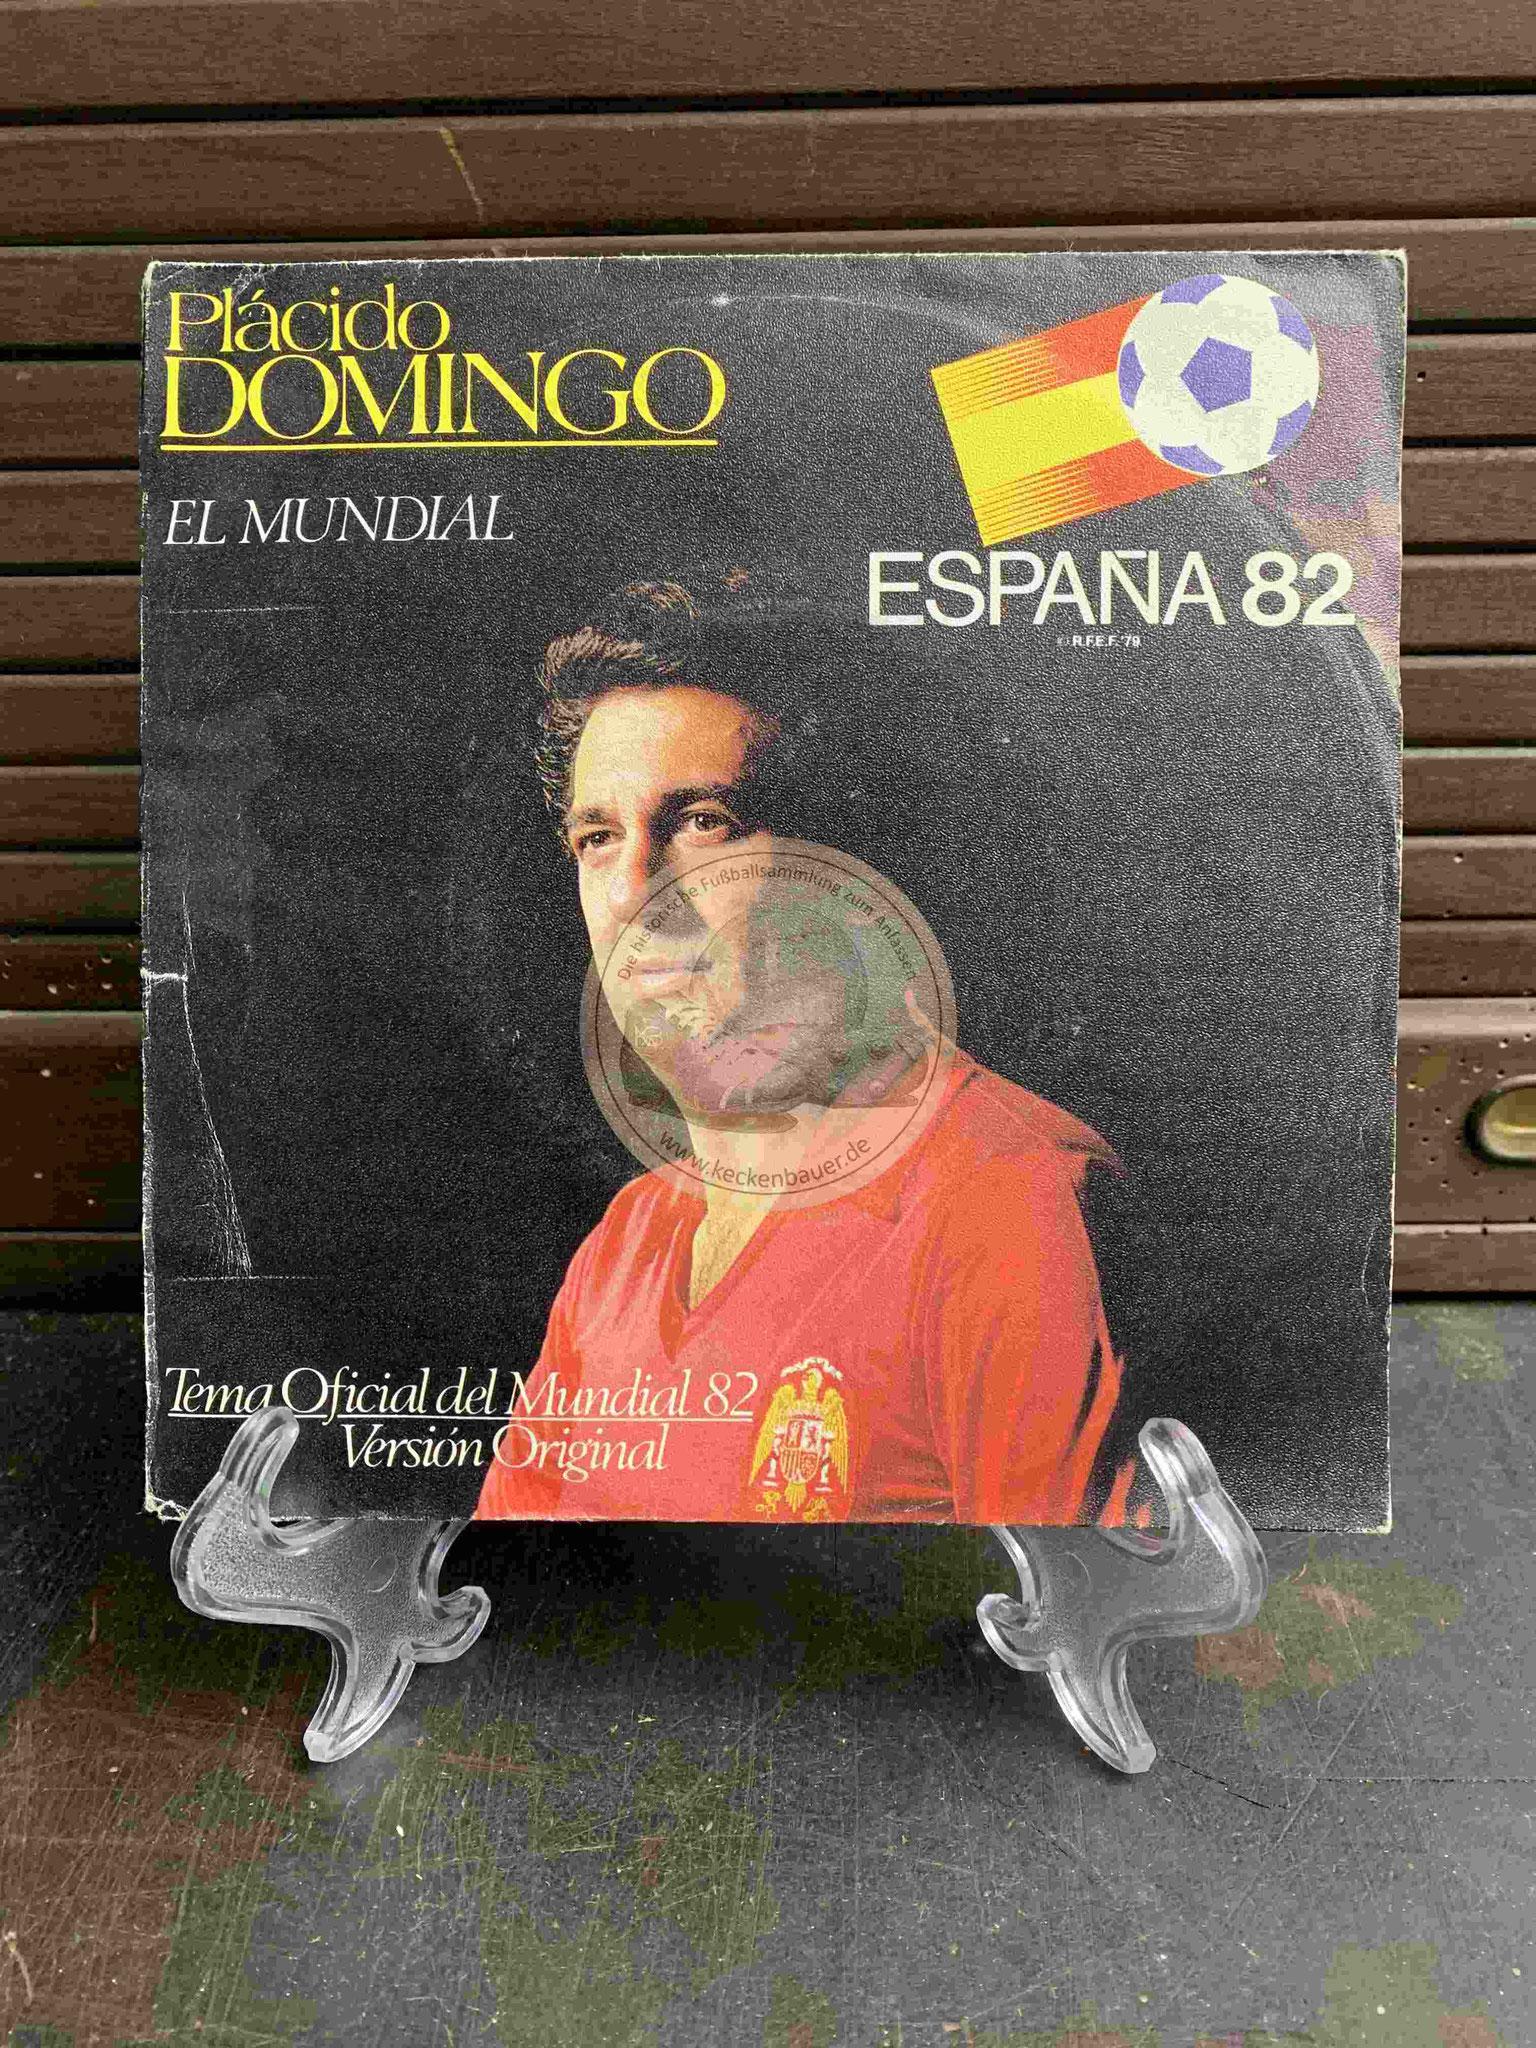 1982 Placido Domingo El Mundial Espana 82